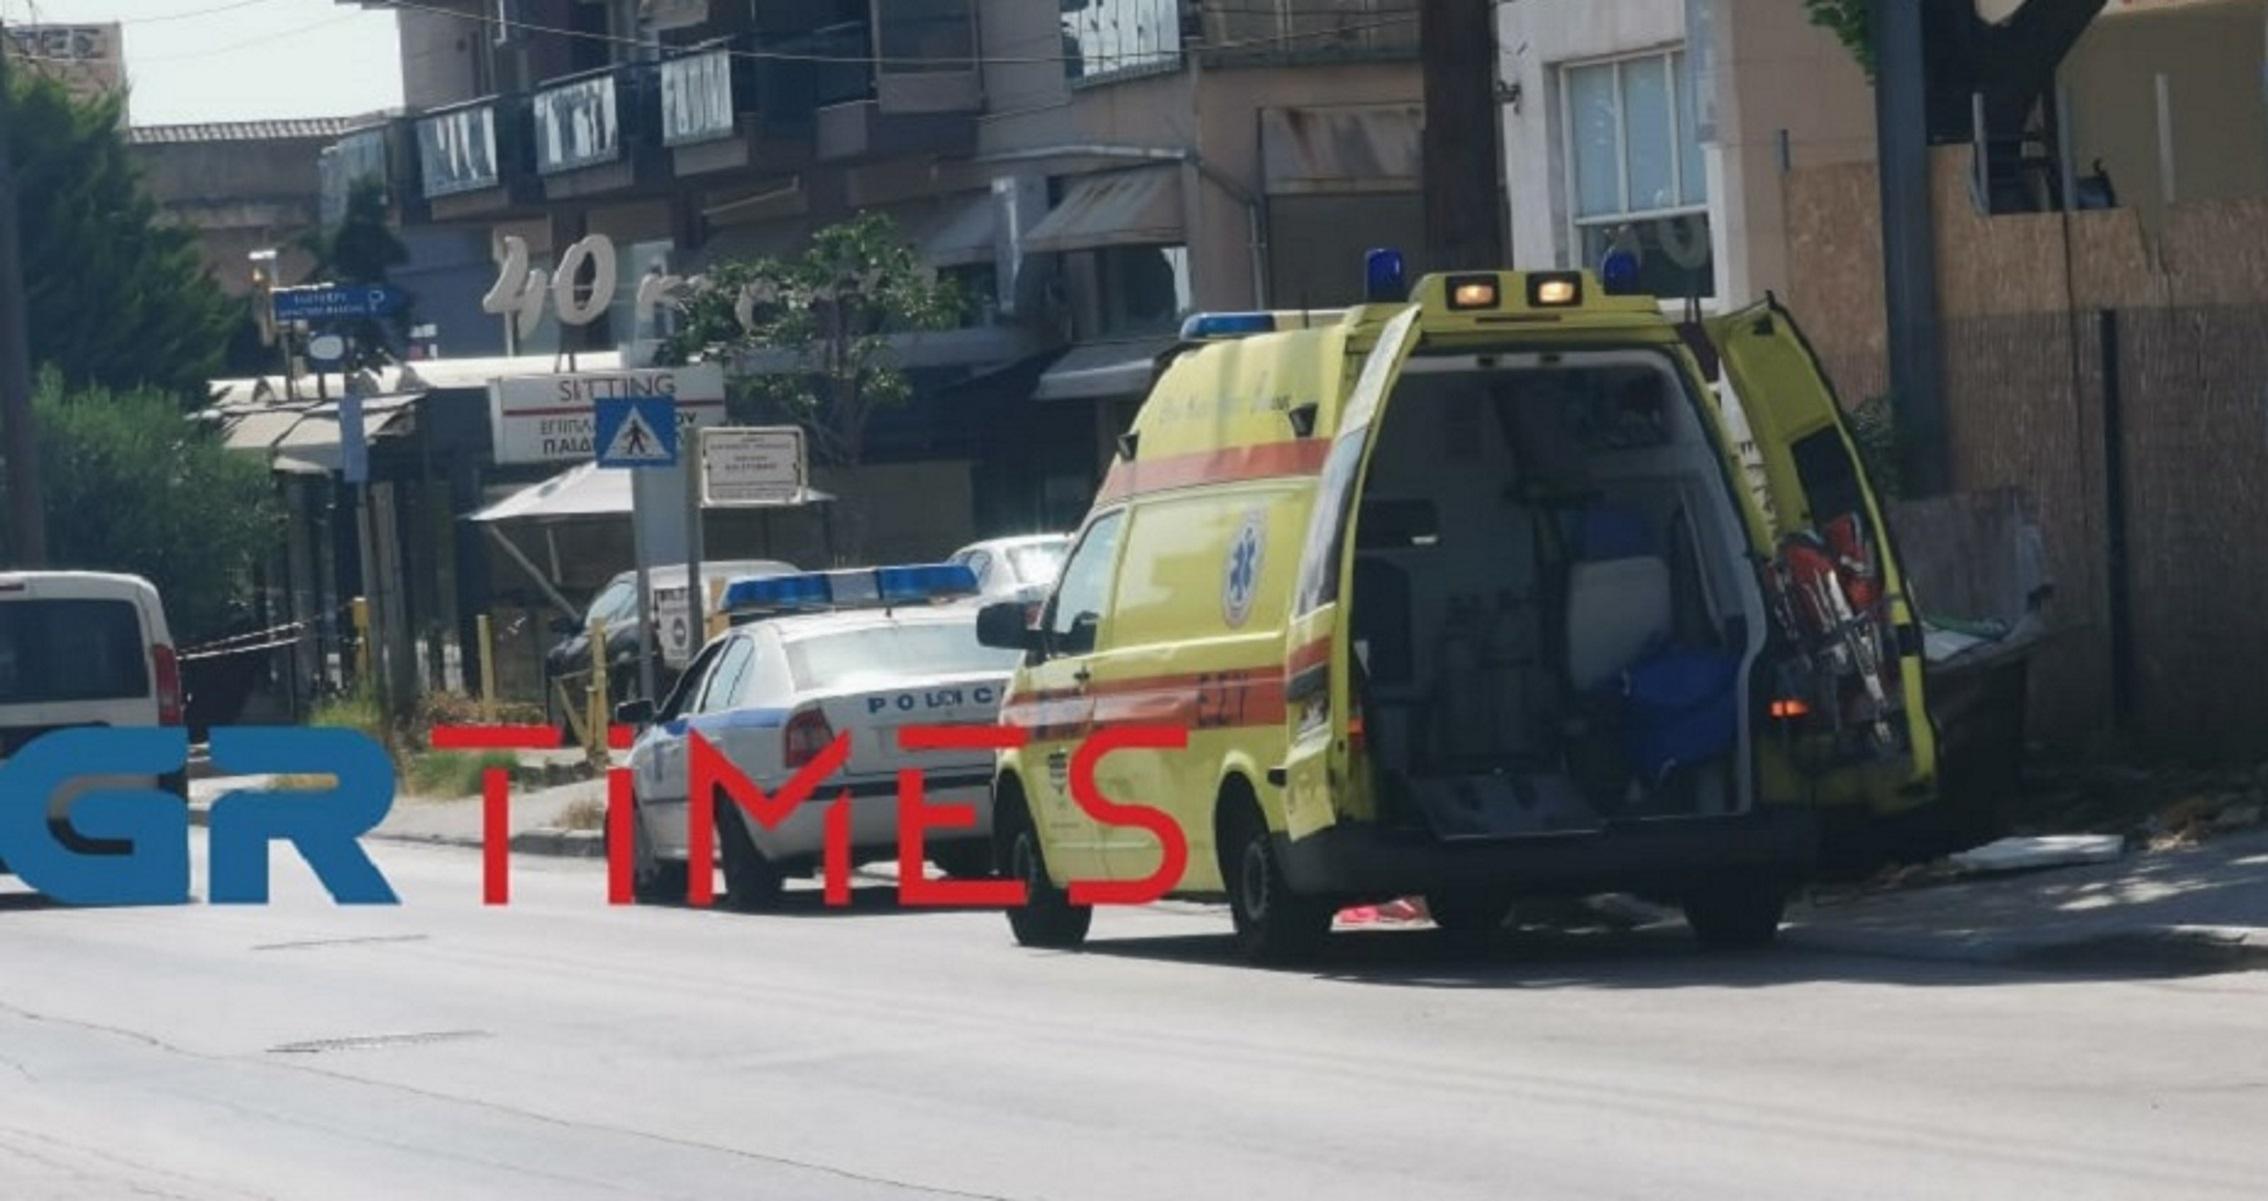 Θεσσαλονίκη: Έπεσε από σκαλωσιά και χτύπησε σοβαρά στο κεφάλι